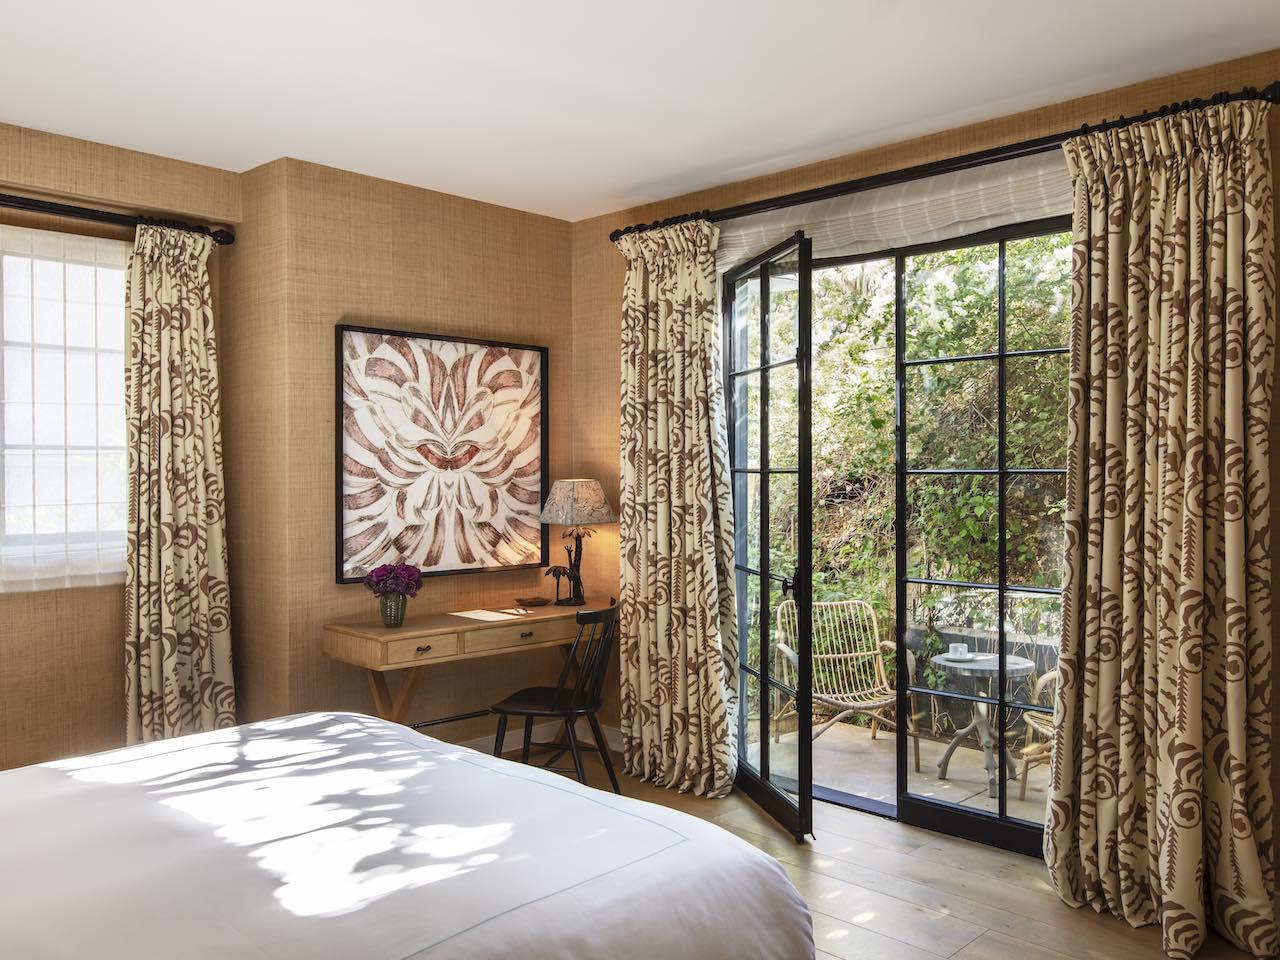 Hotel 850 Los Angeles